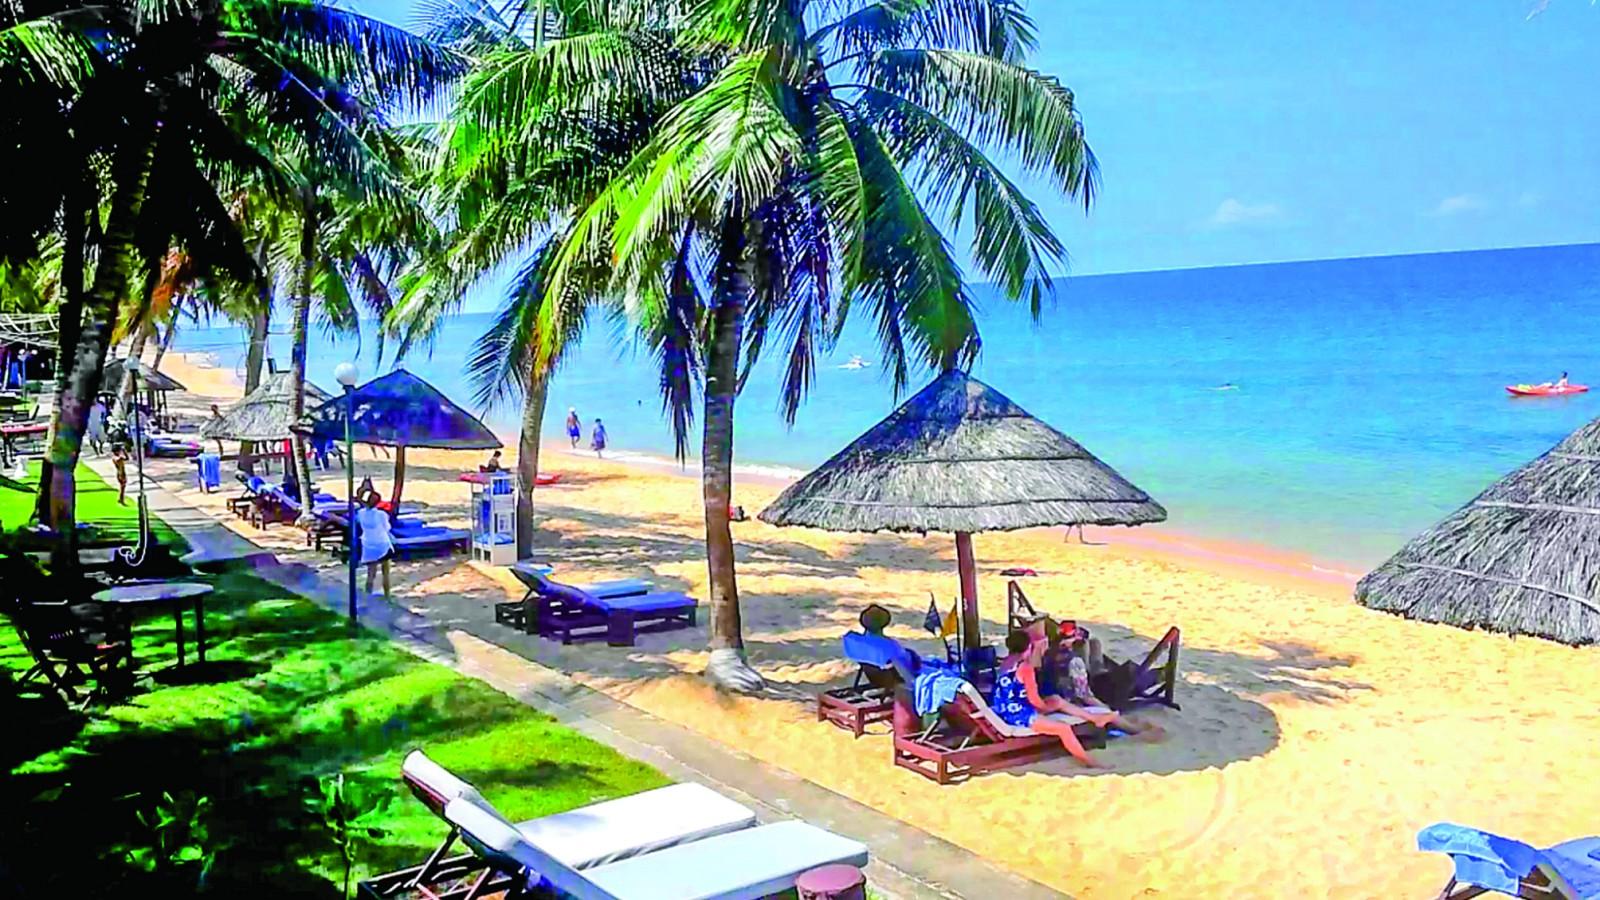 Phú Quốc điểm đến nổi tiếng tỉnh Kiên Giang.